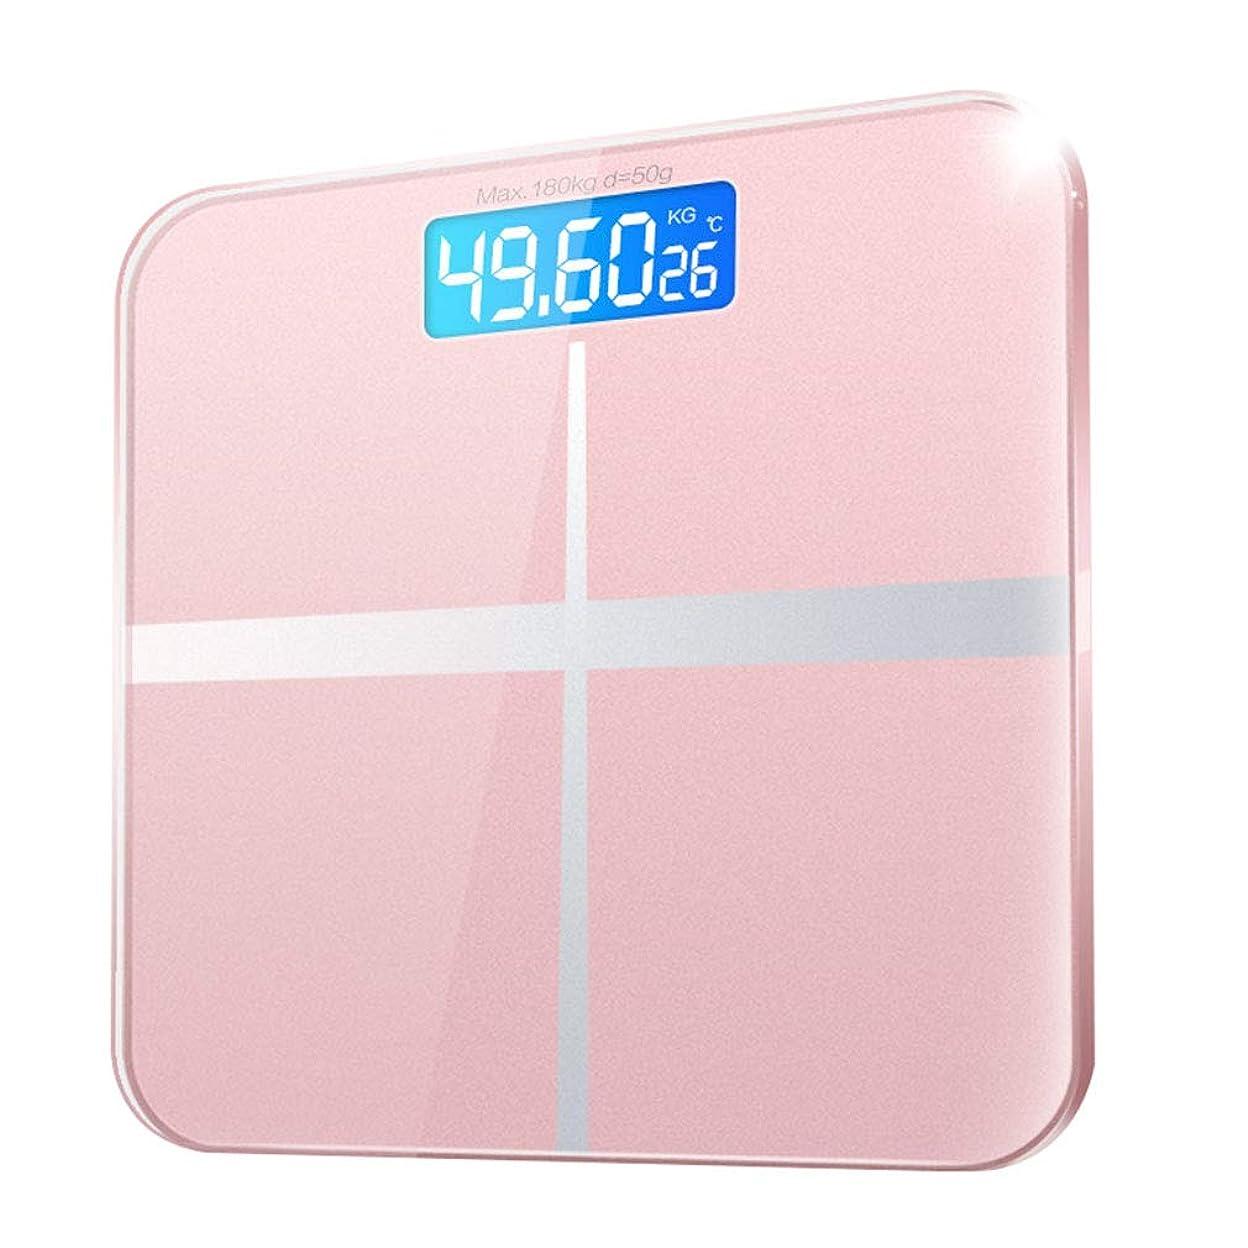 忠実な財布急行するLCDバックライト付きディスプレイ付きスマートバスルーム体重計付き電子デジタル体重計ブルートゥース体脂肪計